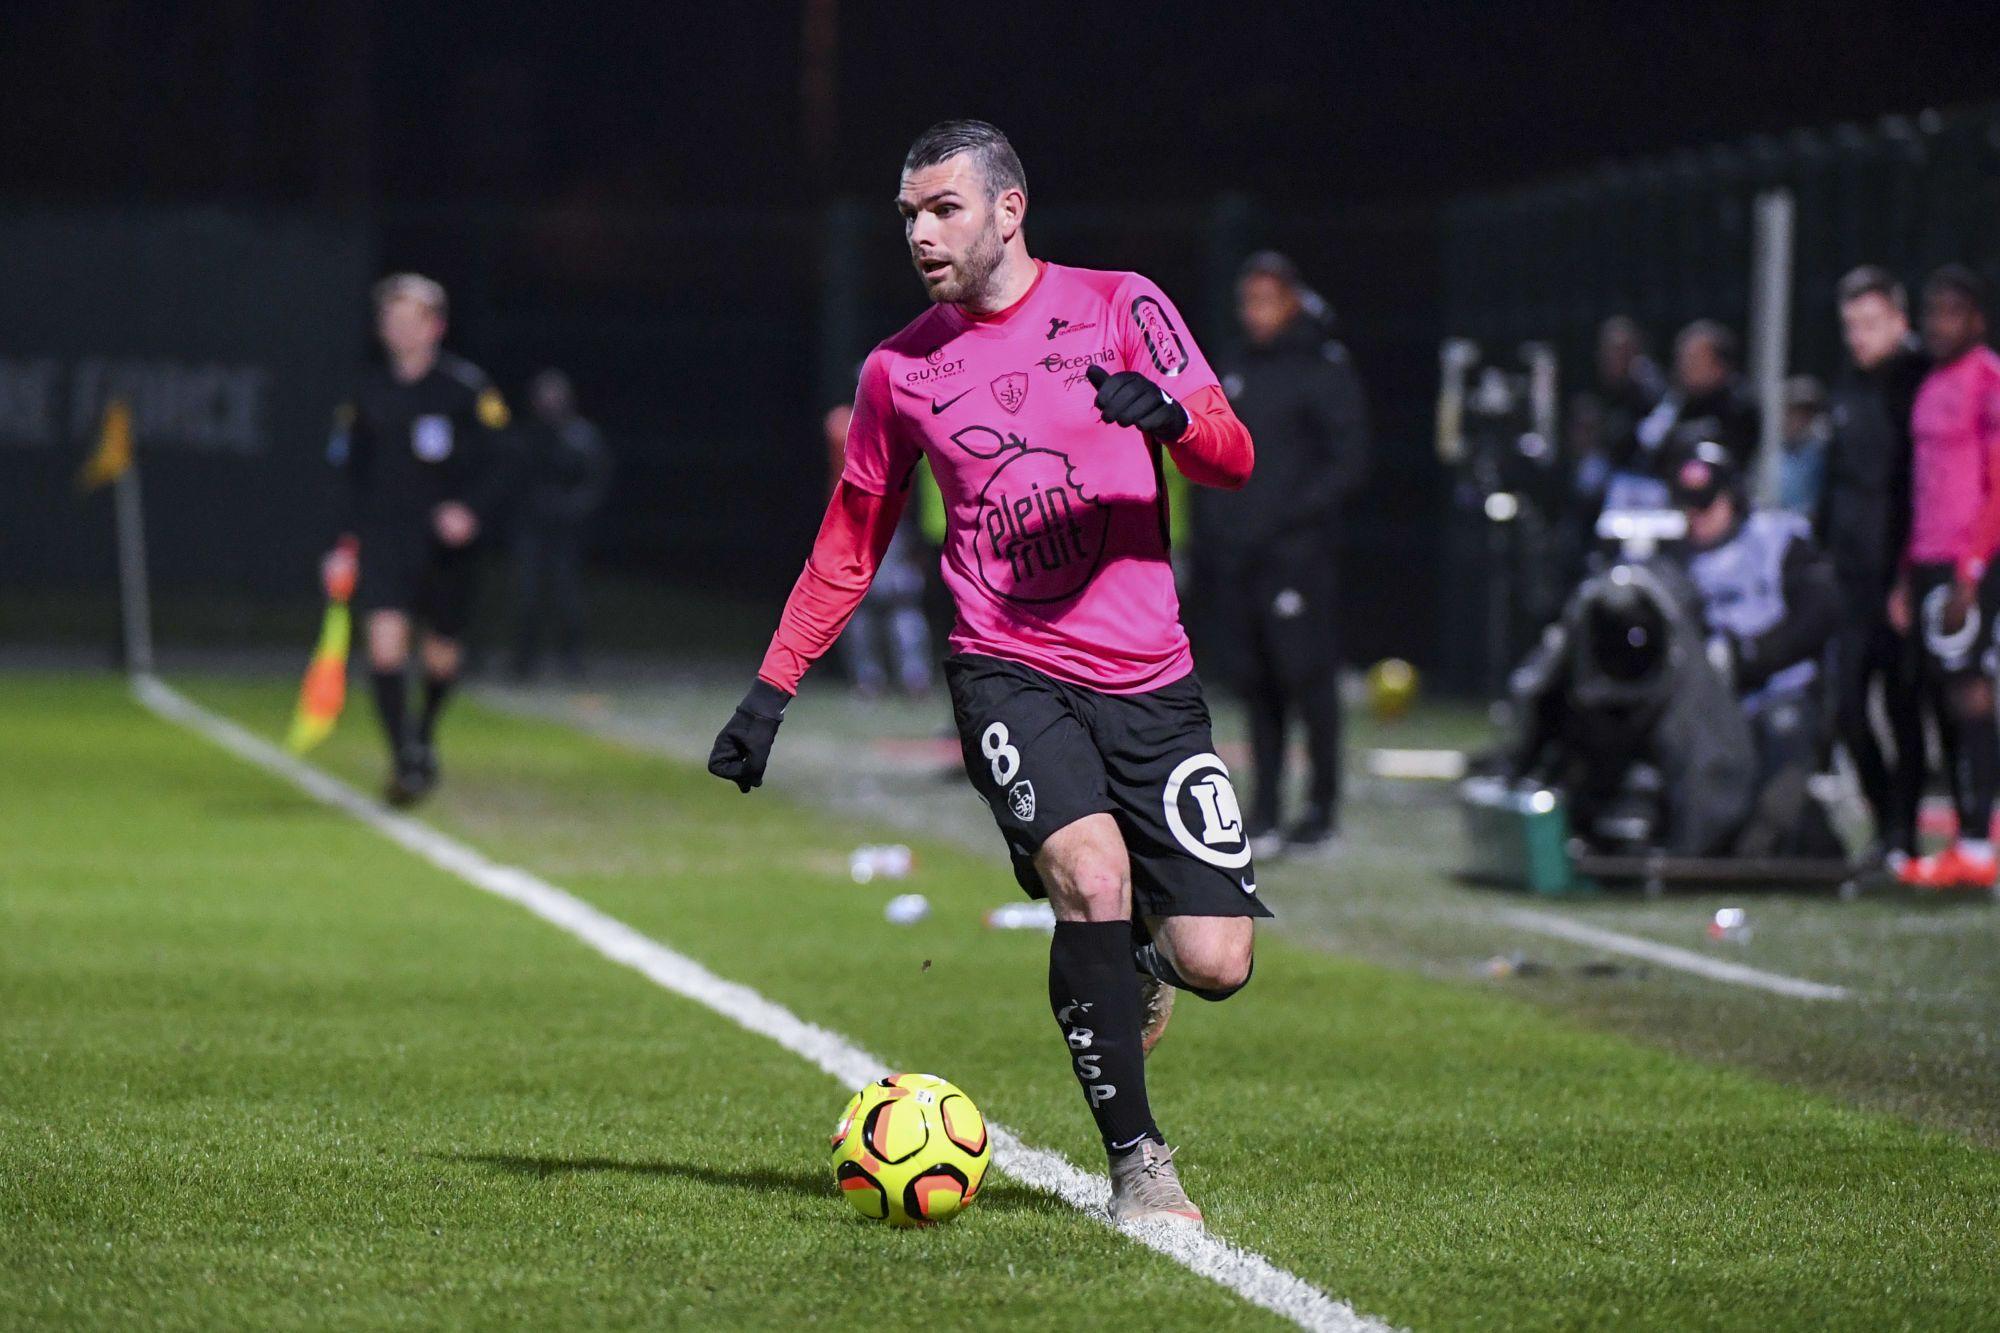 [Officiel] Yoann Court s'engage deux ans avec le Stade Malherbe